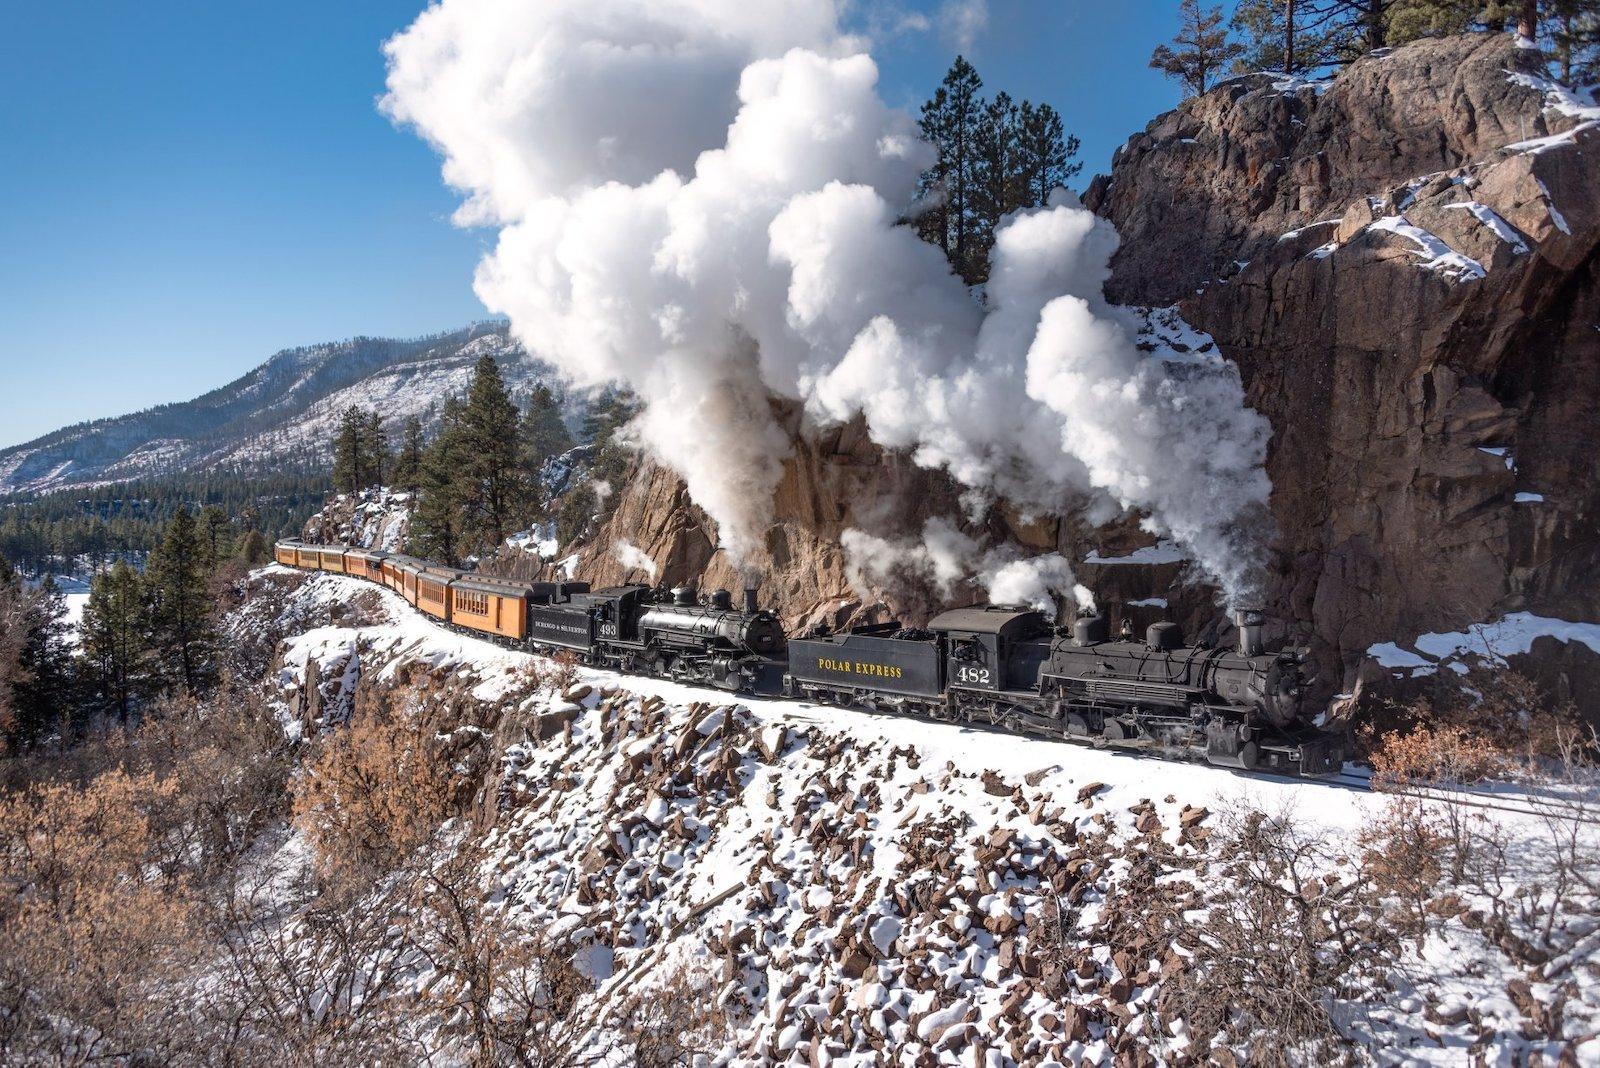 Image of the Polar Express train in Durango, Colorado